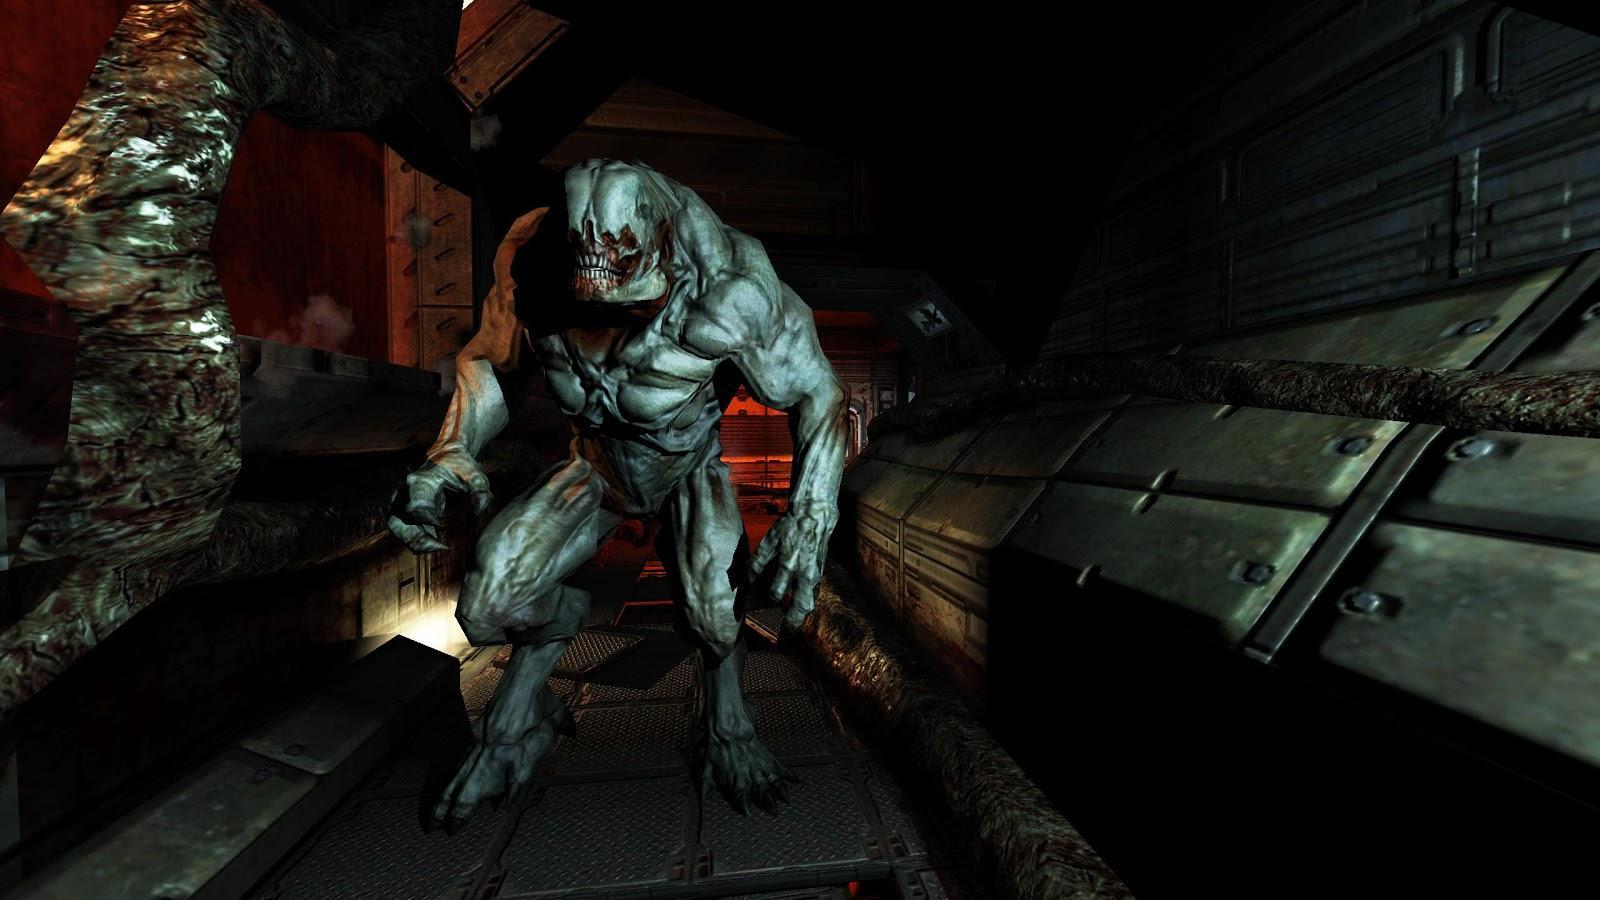 Doom 3: bfg edition скачать 1. 1. 9 на android.